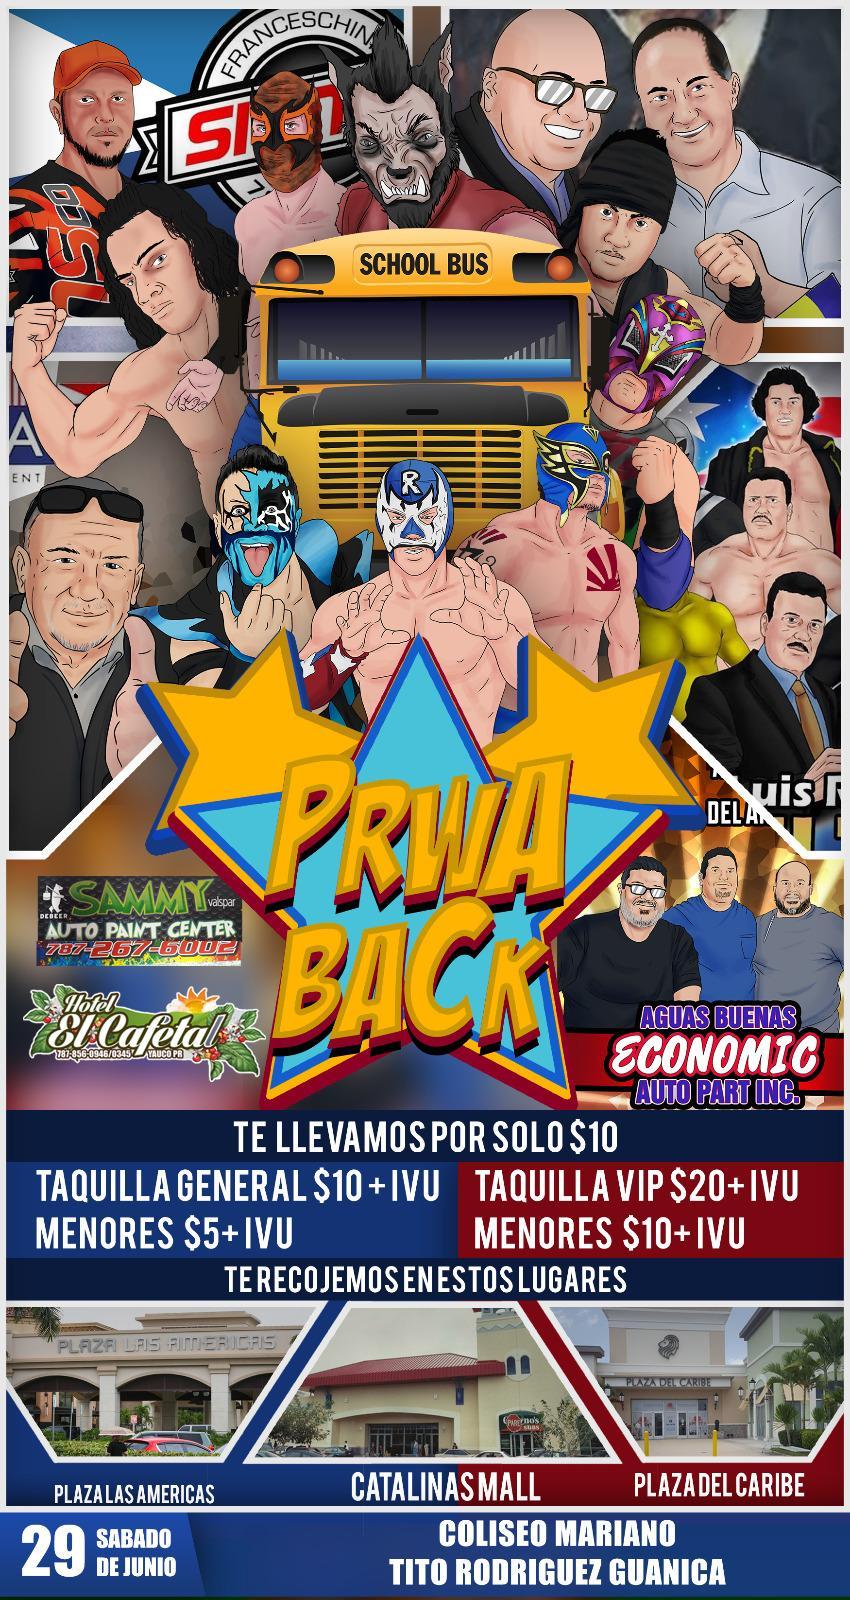 Cartel final PRWA BACK México vs Puerto Rico - Team México de visita 11